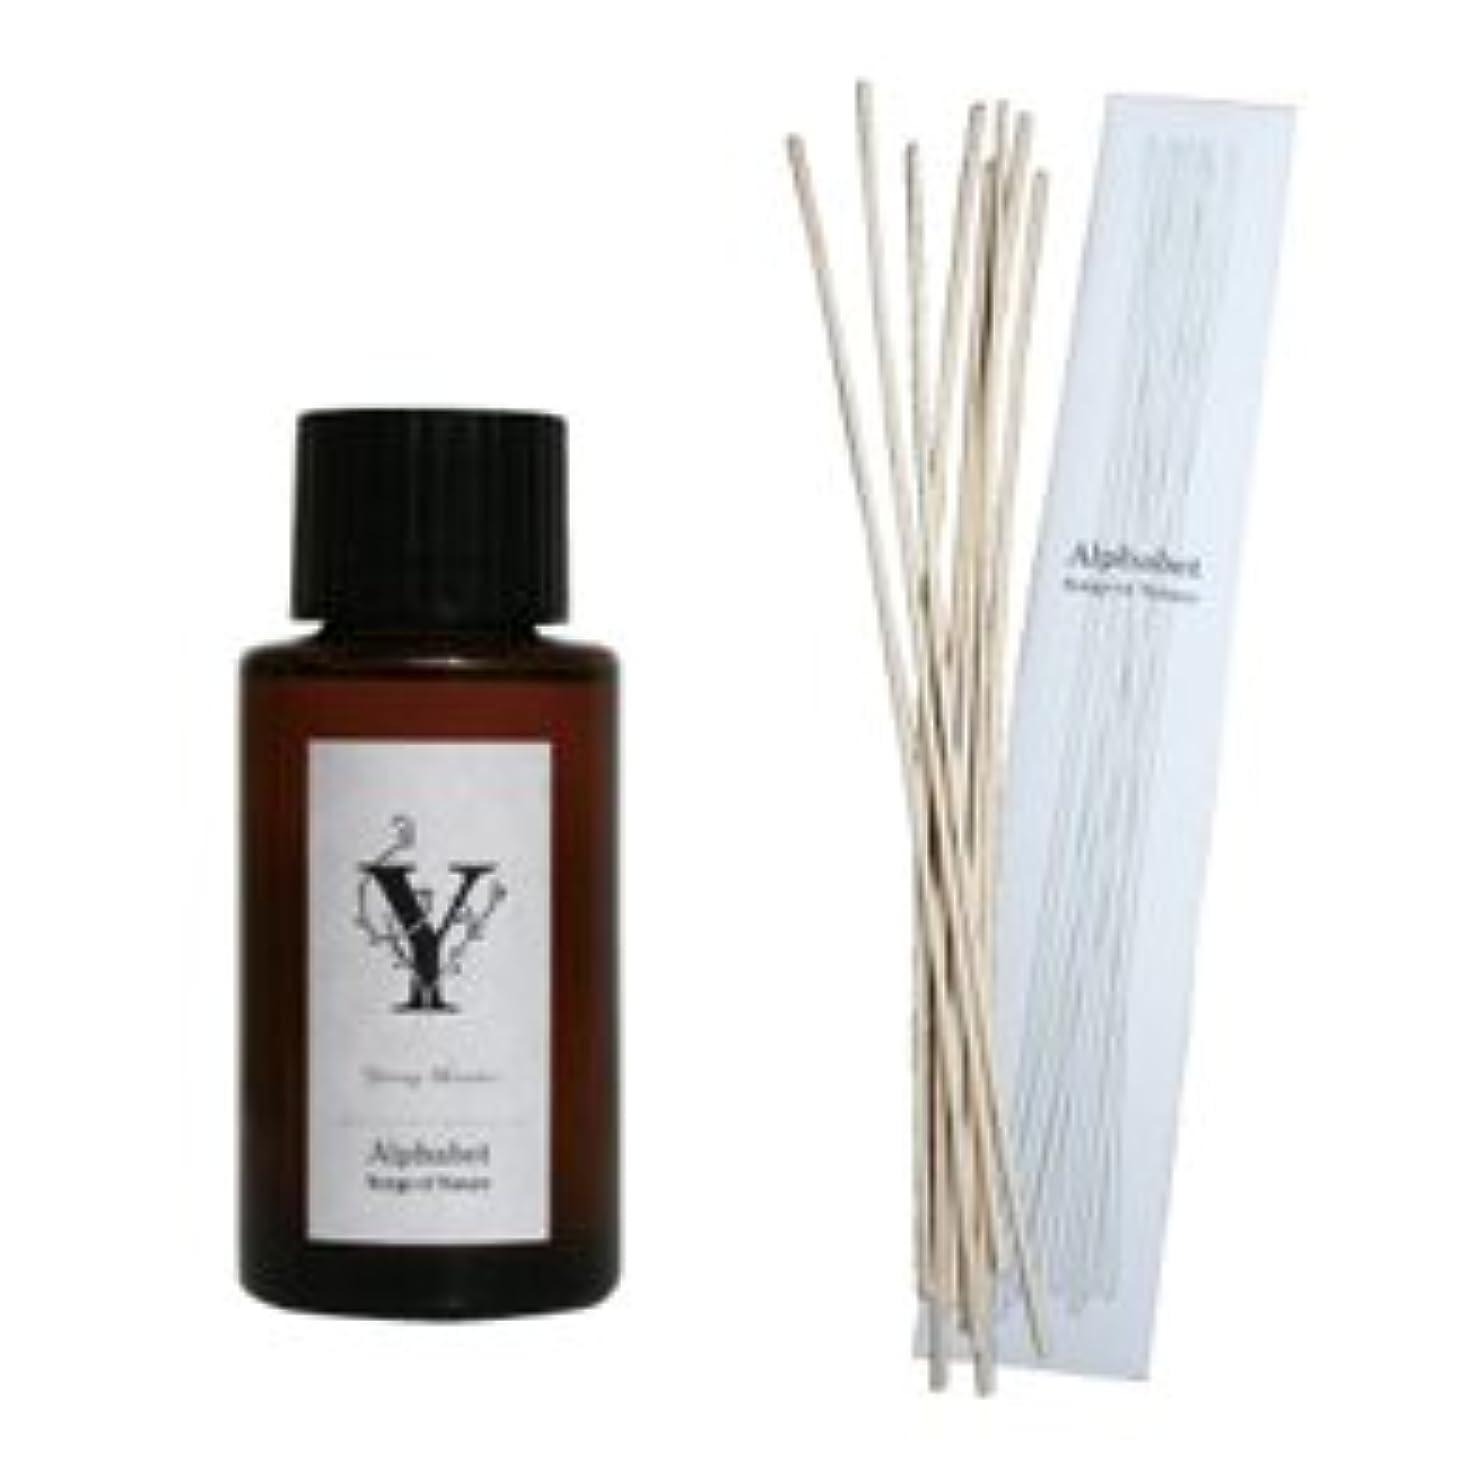 強盗ユーザー想起アートラボ(ART LAB)Songs of Nature アルファベット リードディフューザー 【Y】ヤングバンブー (Young Bamboo) 120ml リードスティック付き